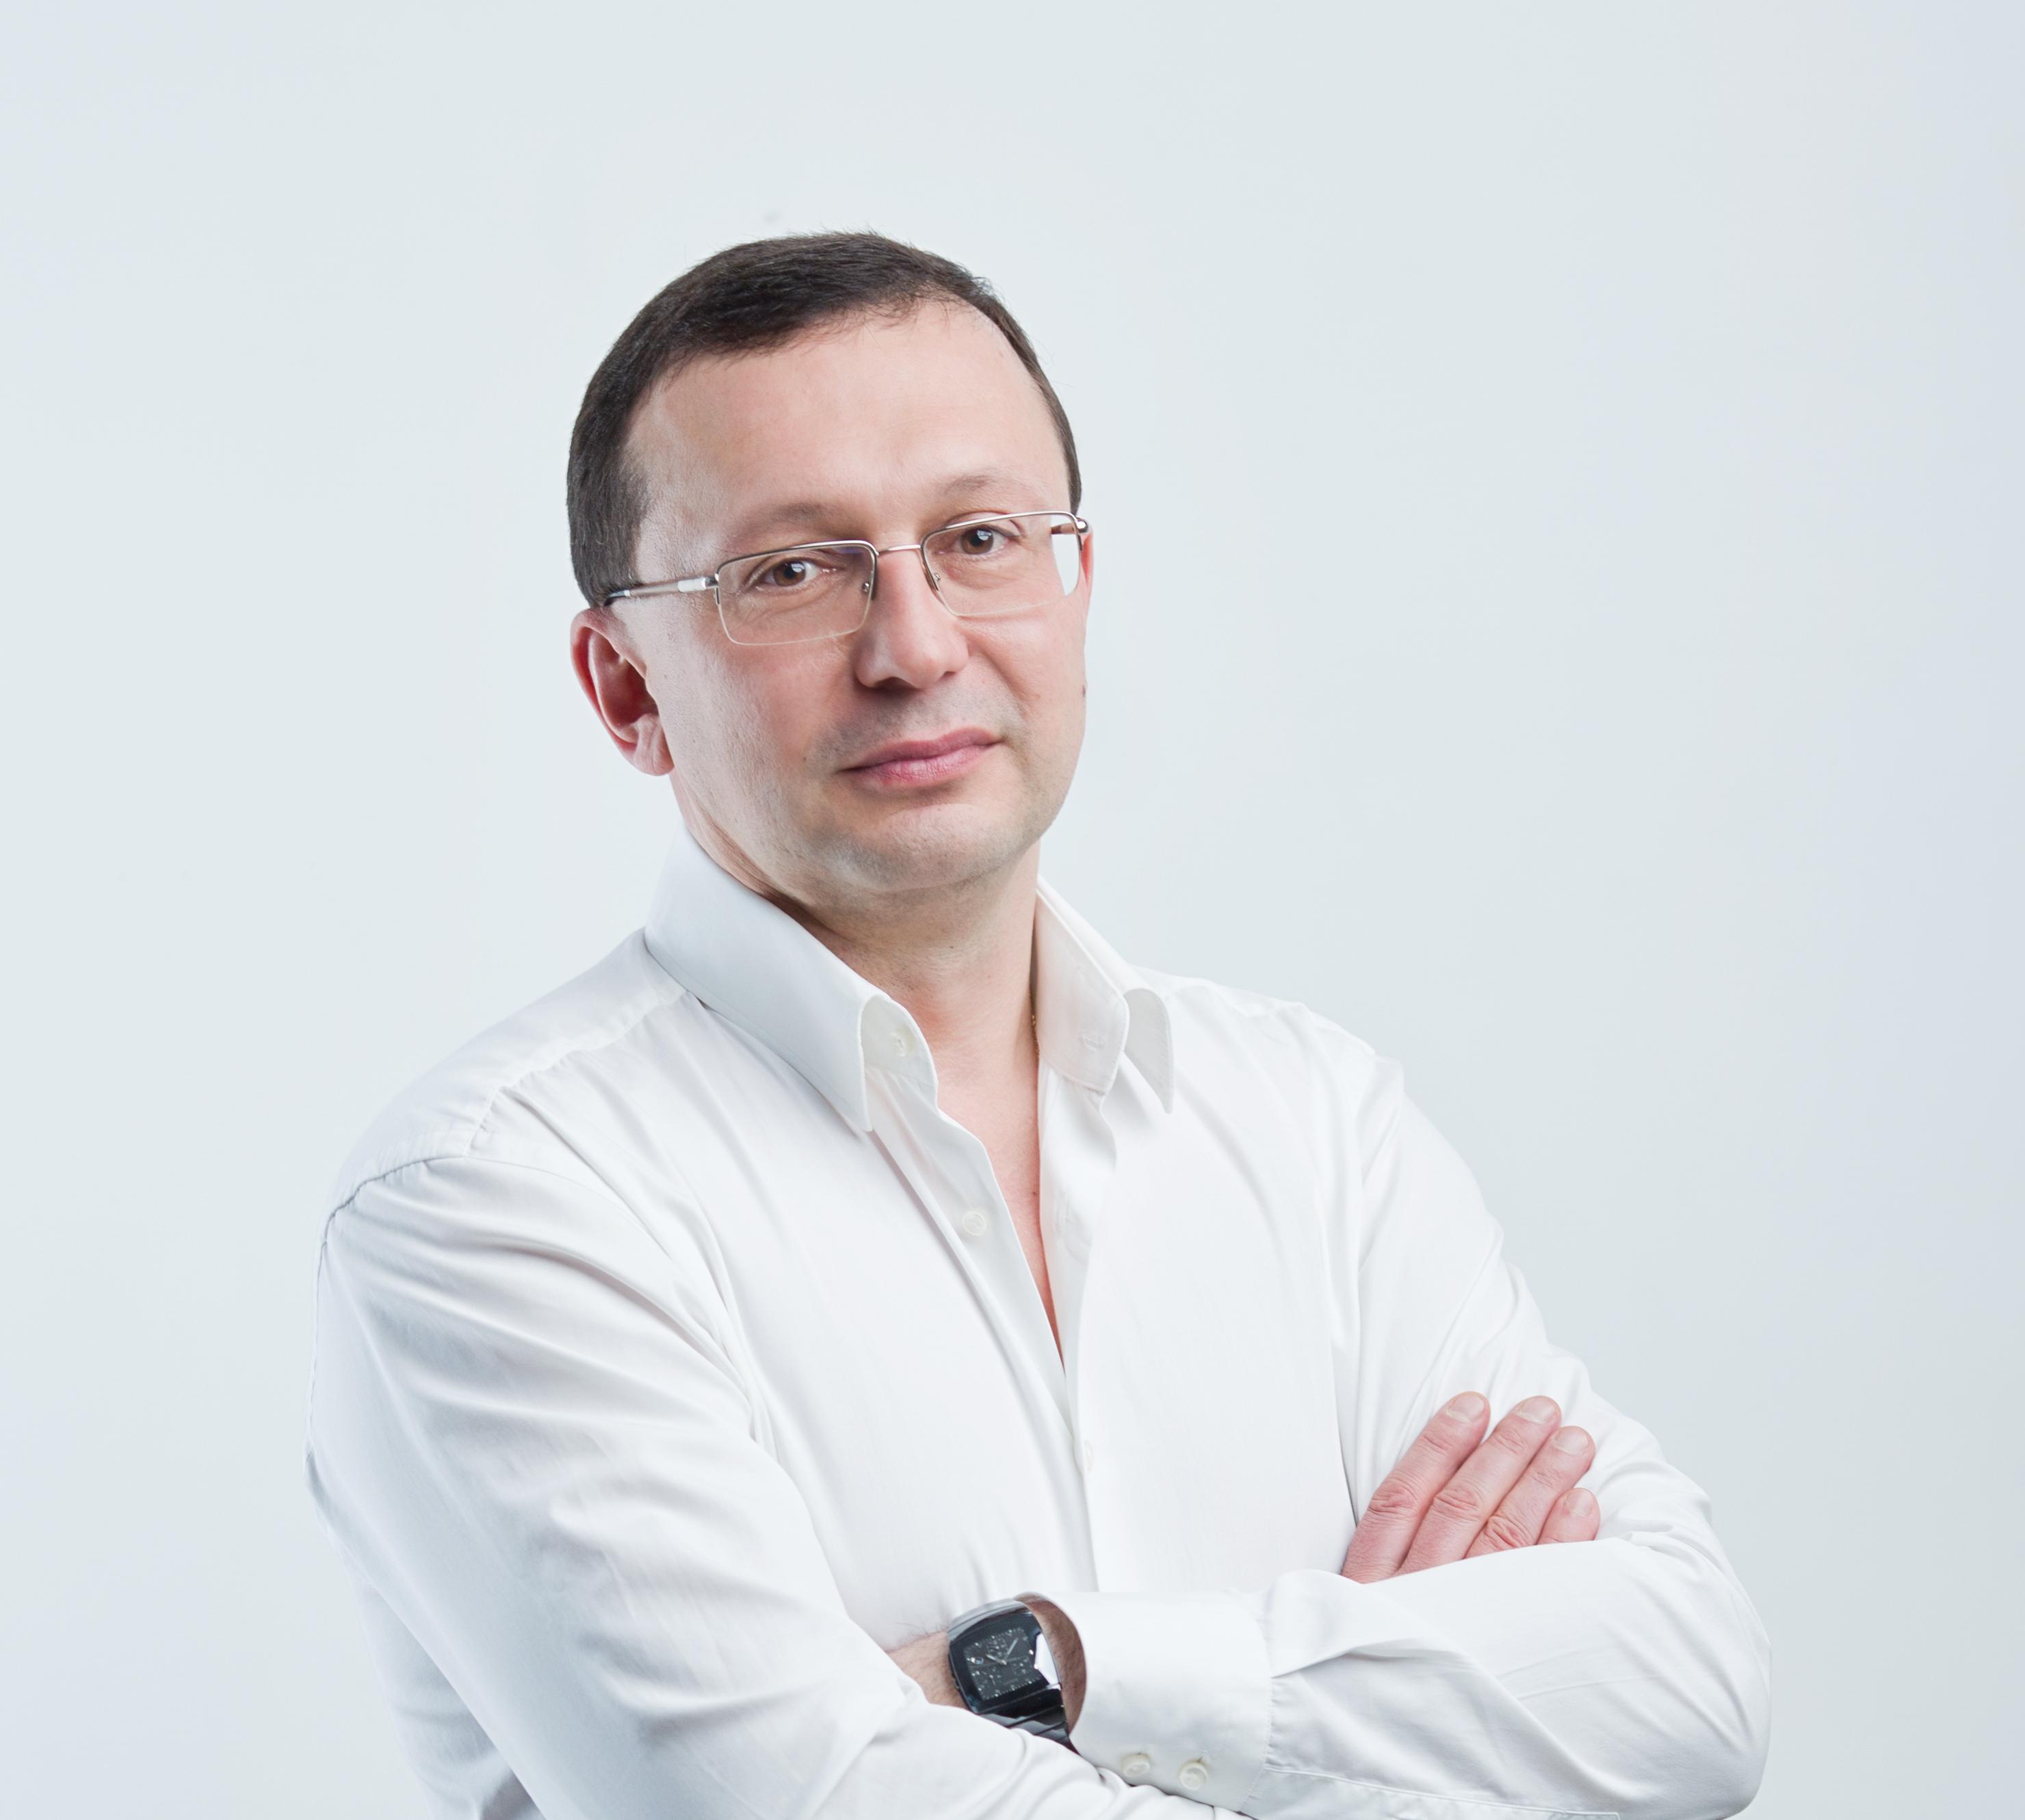 Максим Агеев, De Novo